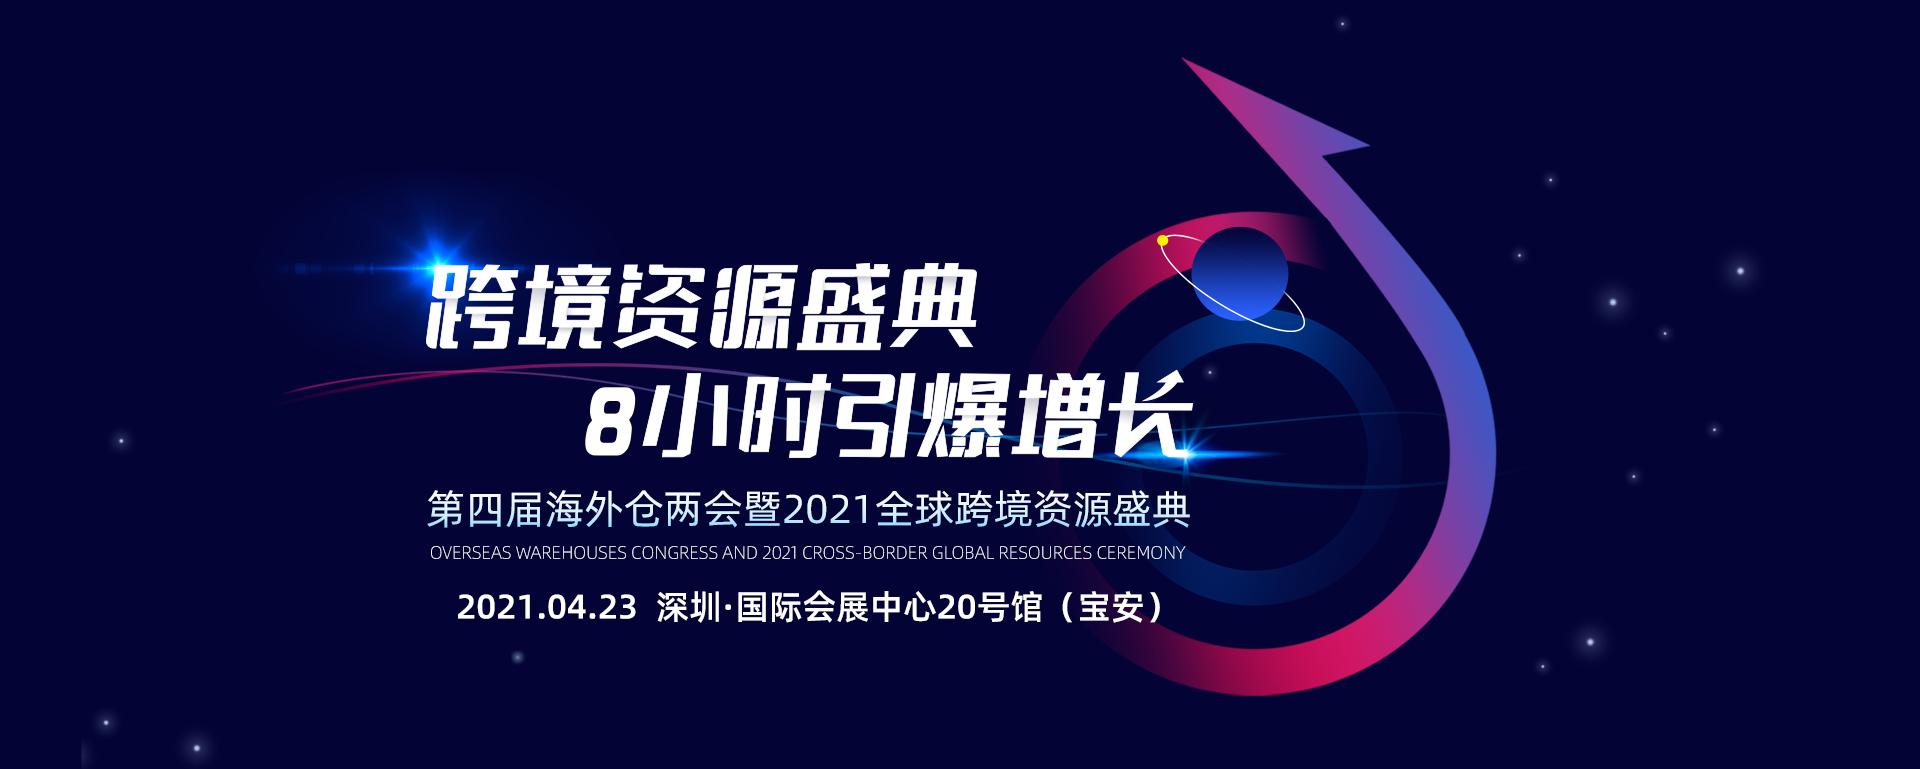 第四届海外仓两会2021全球跨境资源盛典,特讯期待您的莅临